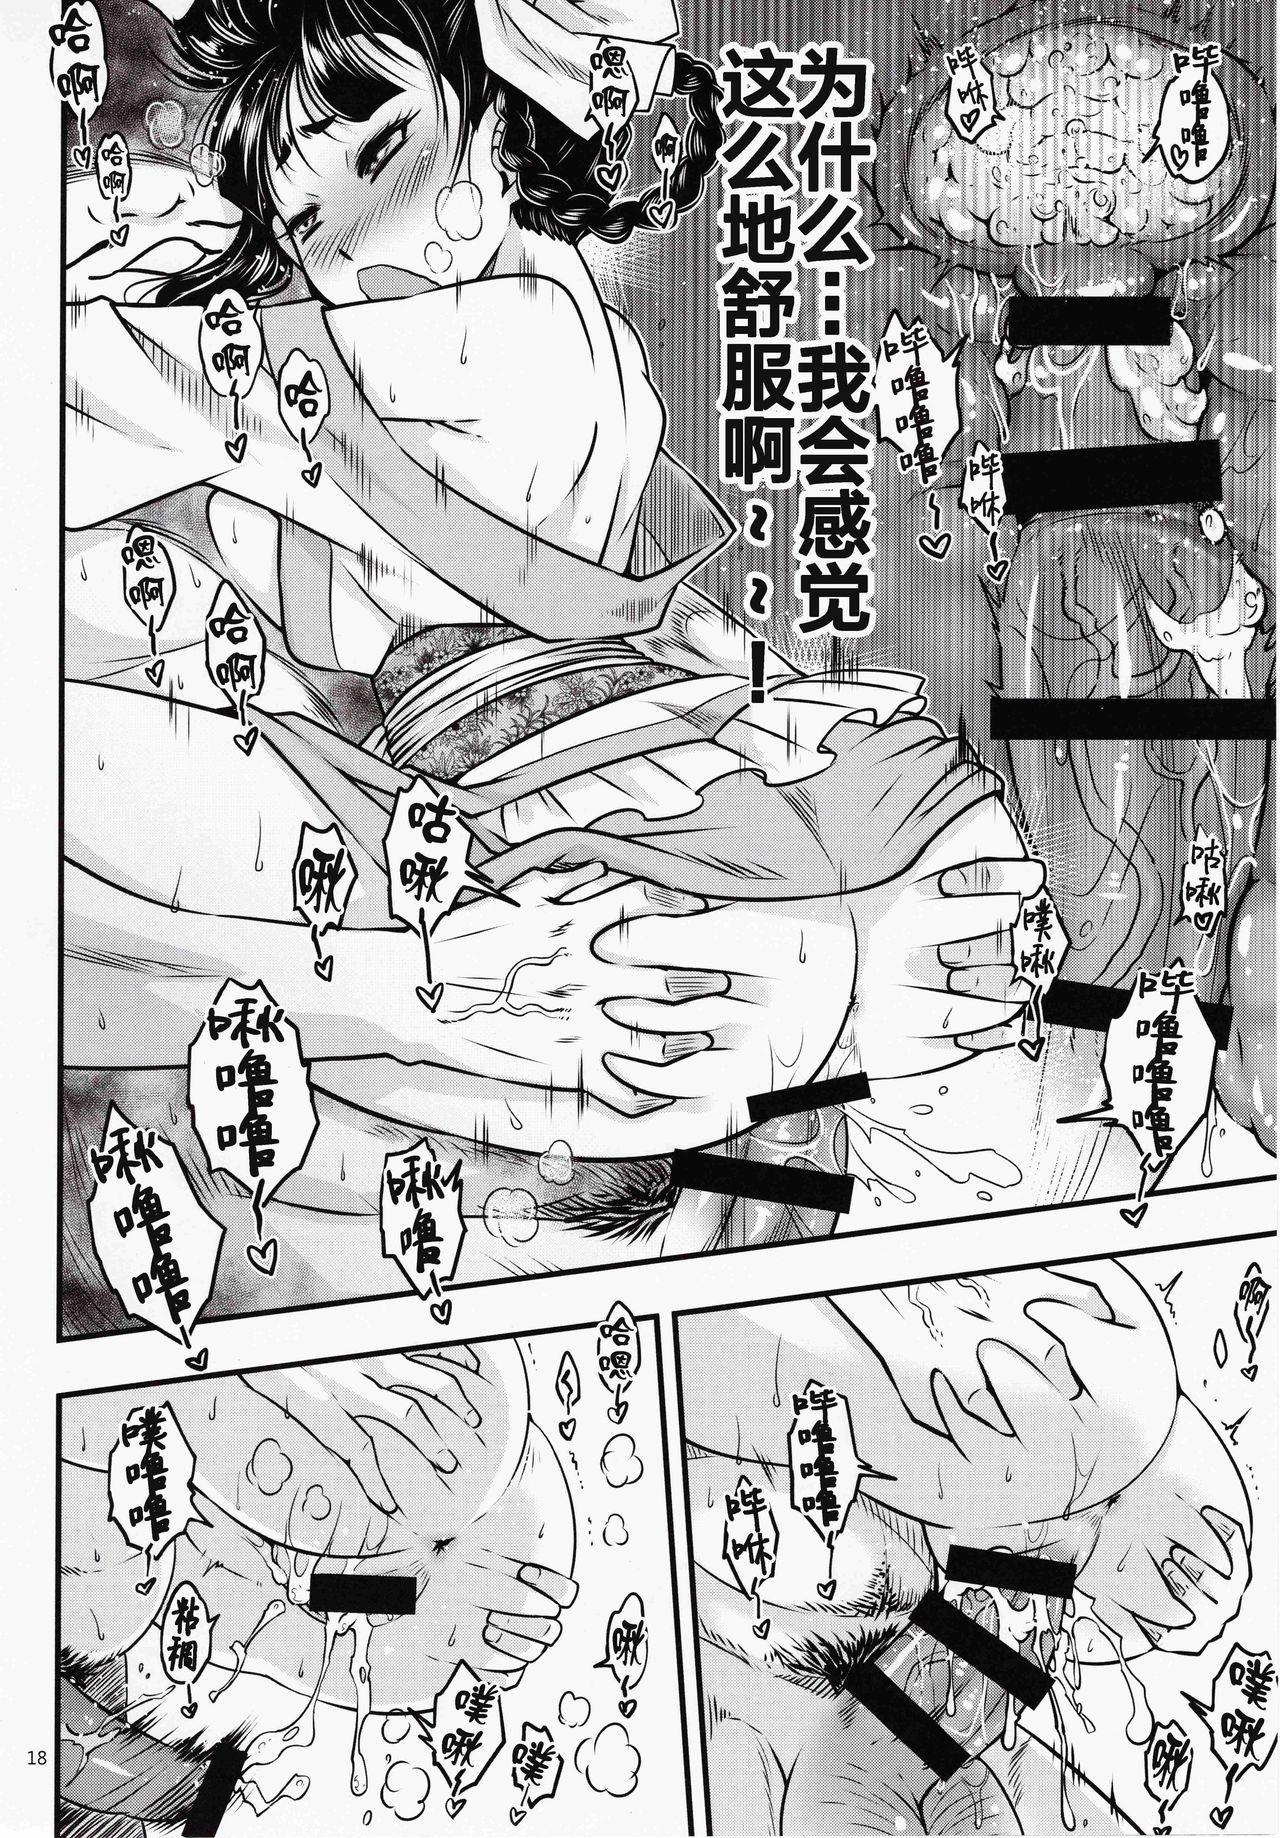 Hyakkasou <<Gejo Botan no Yuuutsu>> 19